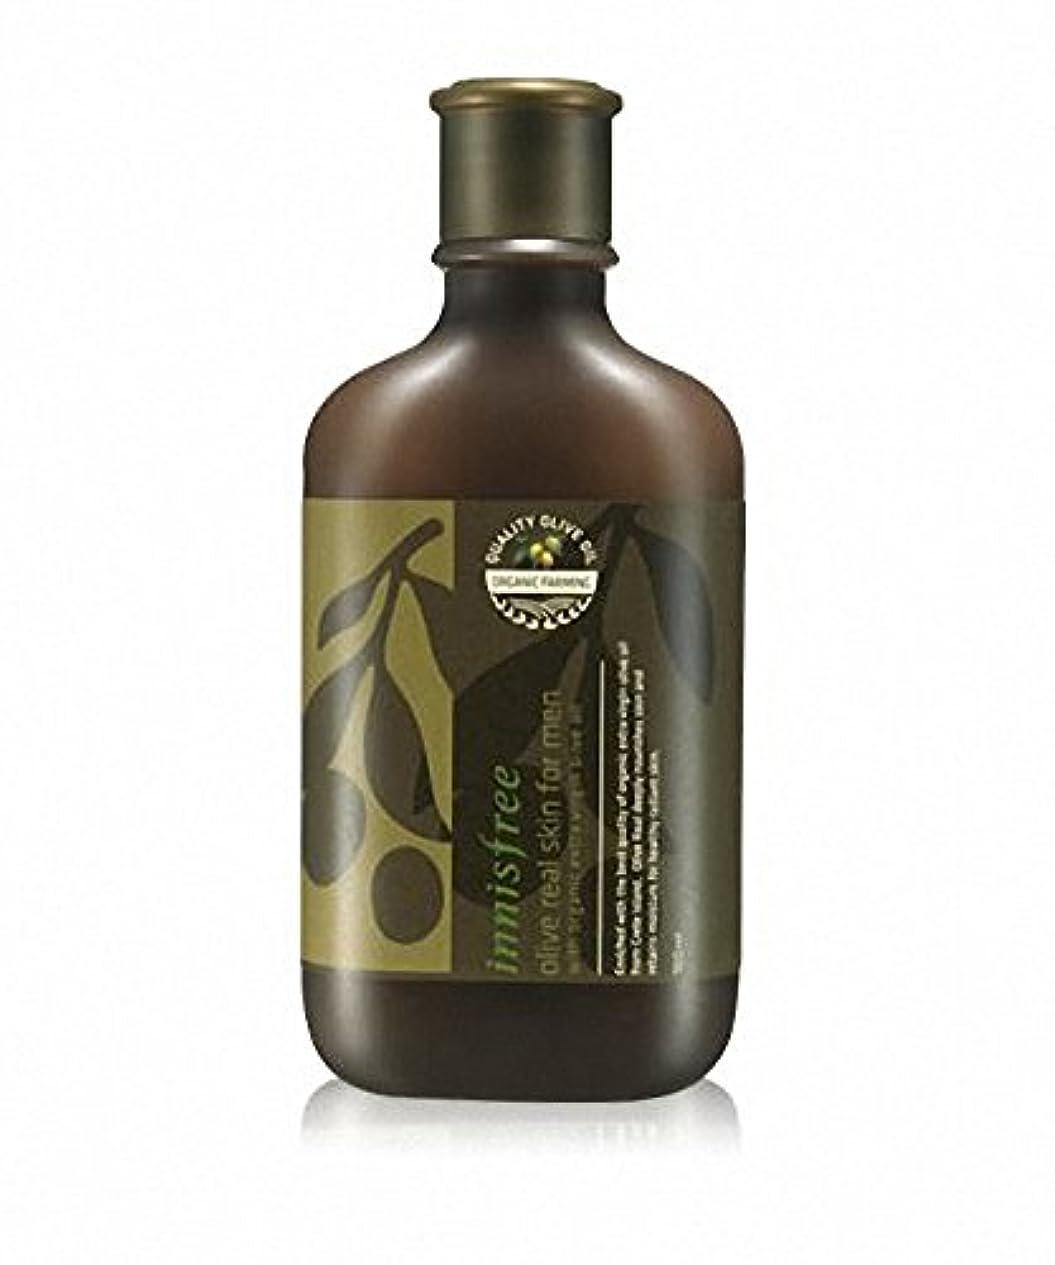 チャンバーサイトライン合唱団[イニスフリー] Innisfree オリーブリアルスキンフォアマン(150ml) Innisfree Olive Real Skin For Men(150ml)  [海外直送品]